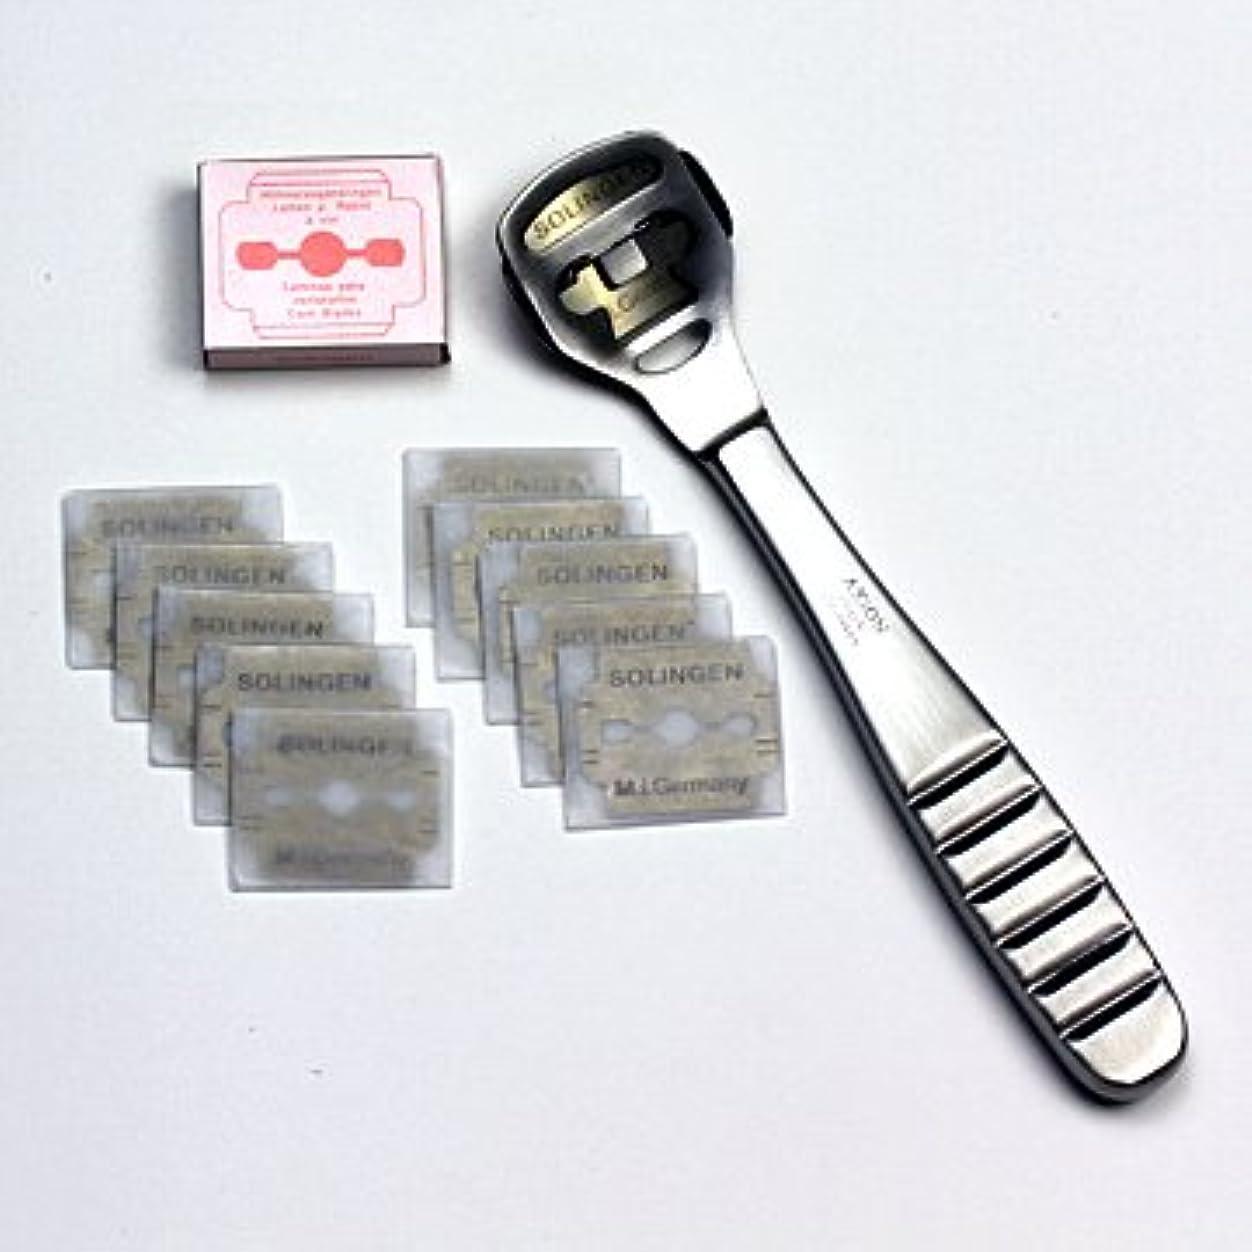 モロニック自伝シュリンクドイツ?ゾーリンゲン AXiON(アクシオン)ステンレス製かかと削り器(ゾーリンゲン製替刃11枚付)#slg008964fba